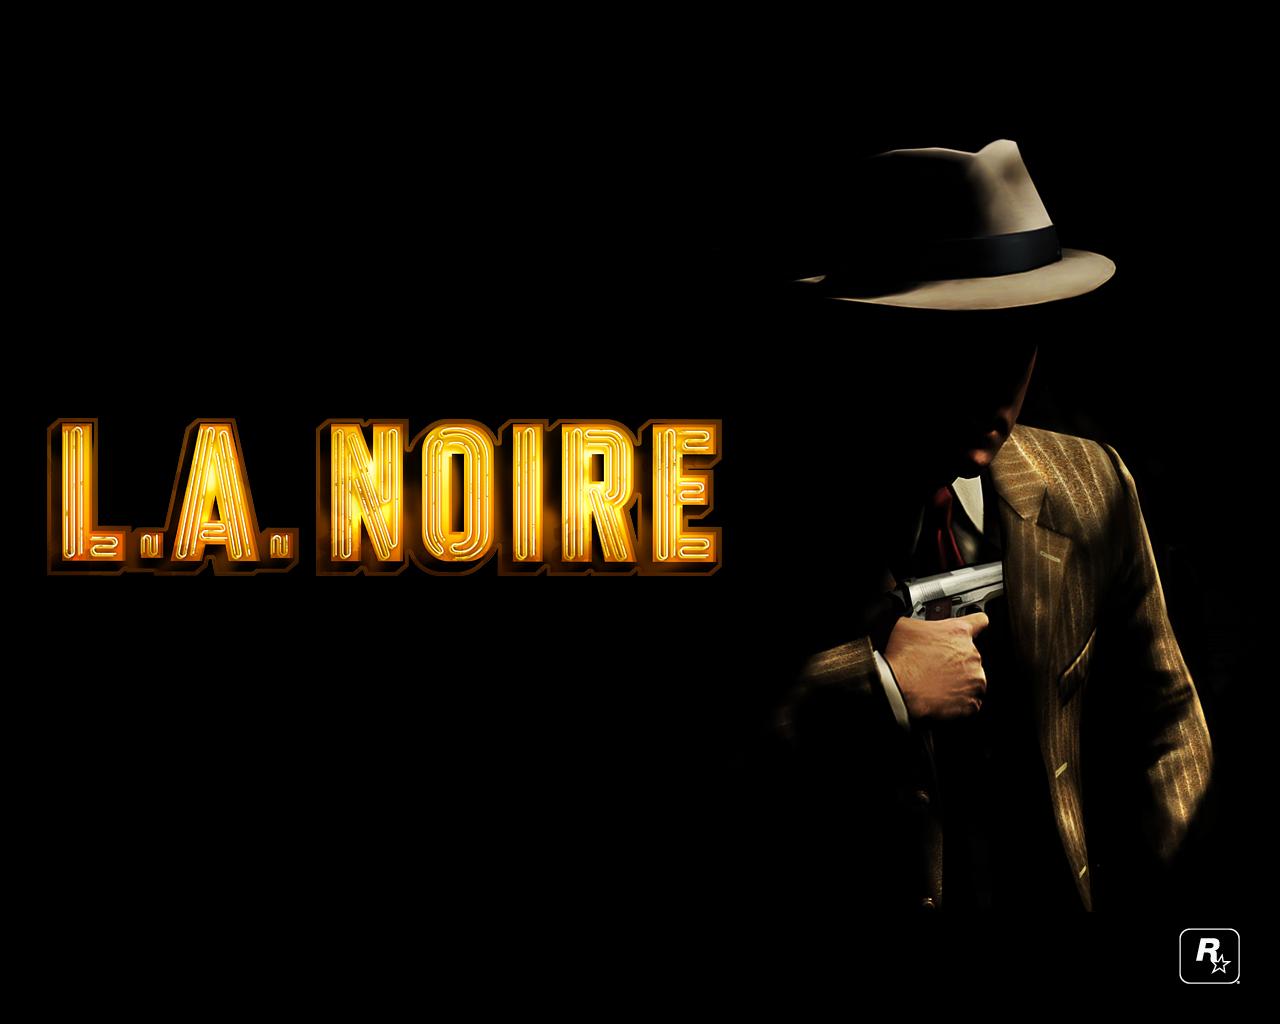 http://4.bp.blogspot.com/-R-qMgLC3HbE/Tju7Nq2UCsI/AAAAAAAAAIk/khfI-VDDsTs/s1600/L.A._Noire3.jpg